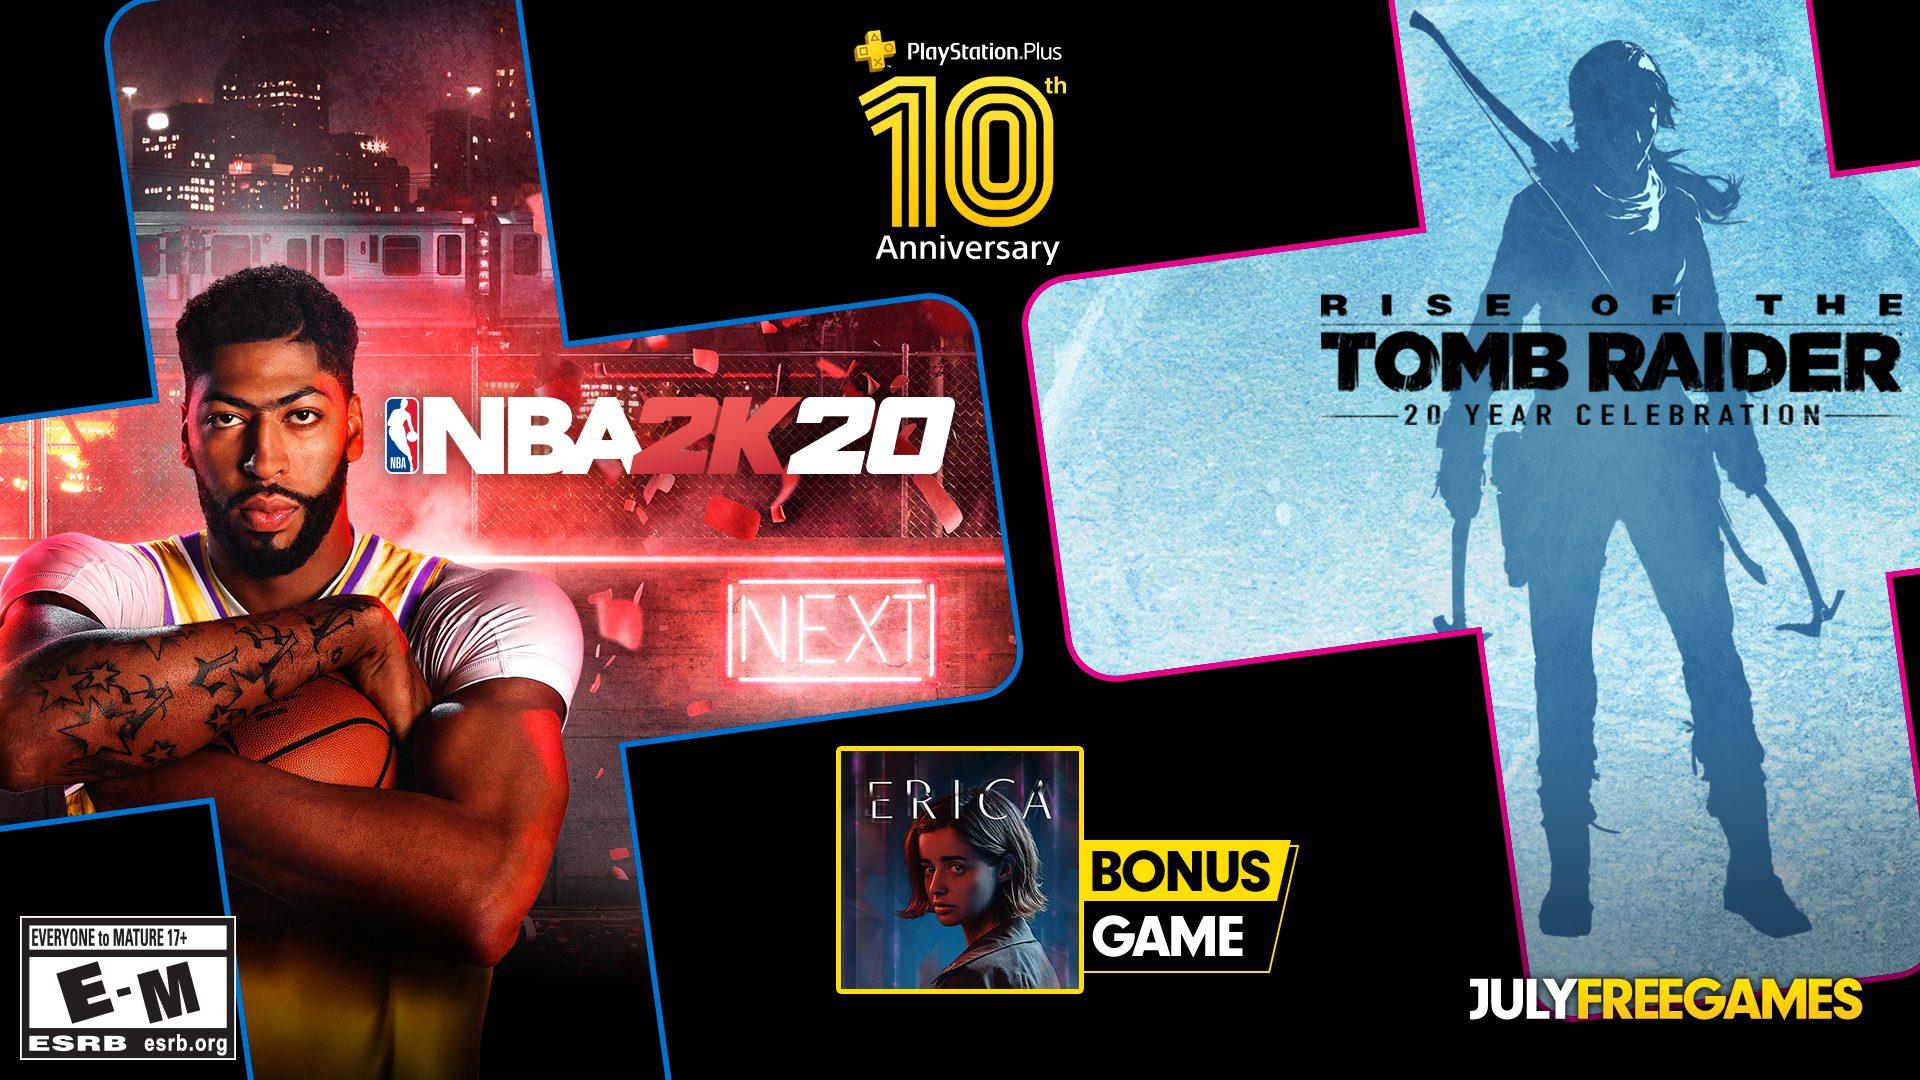 بازیهای رایگان ماه جولای سرویس PlayStation Plus معرفی شدند